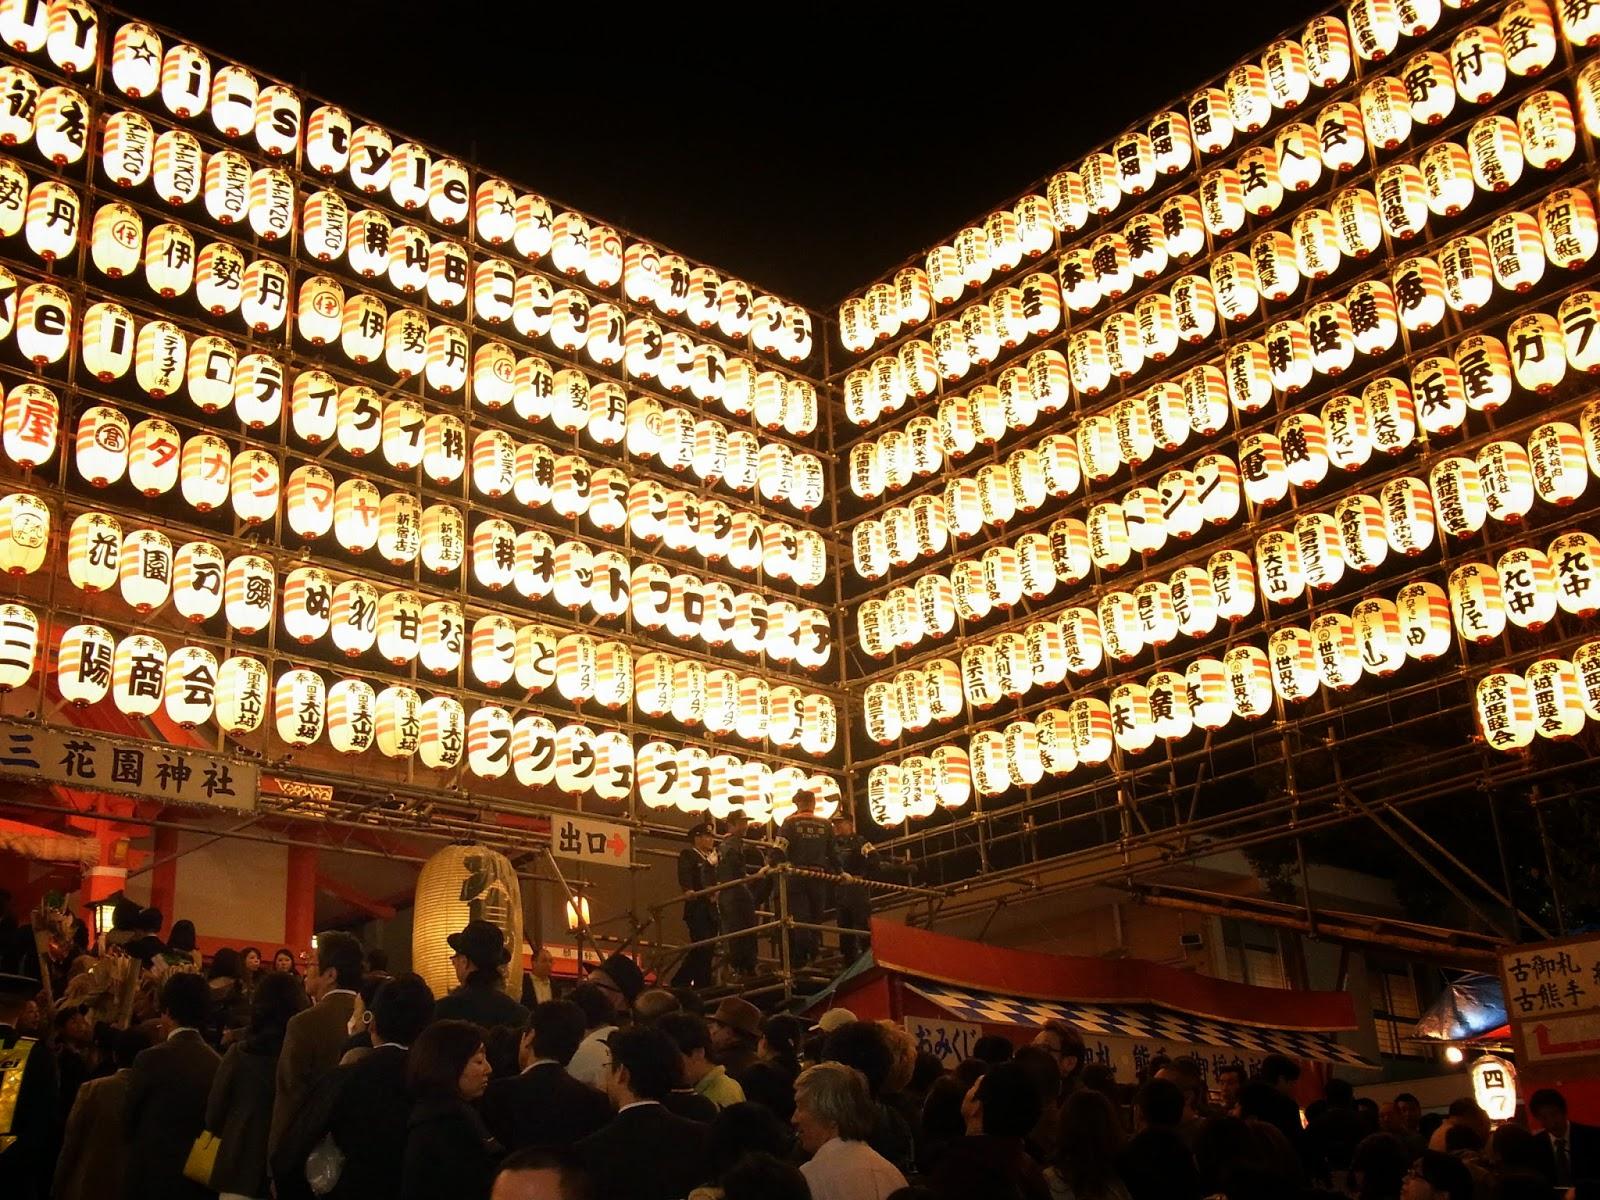 花園神社/観光/東京観光/東京観光タクシー/tokyo